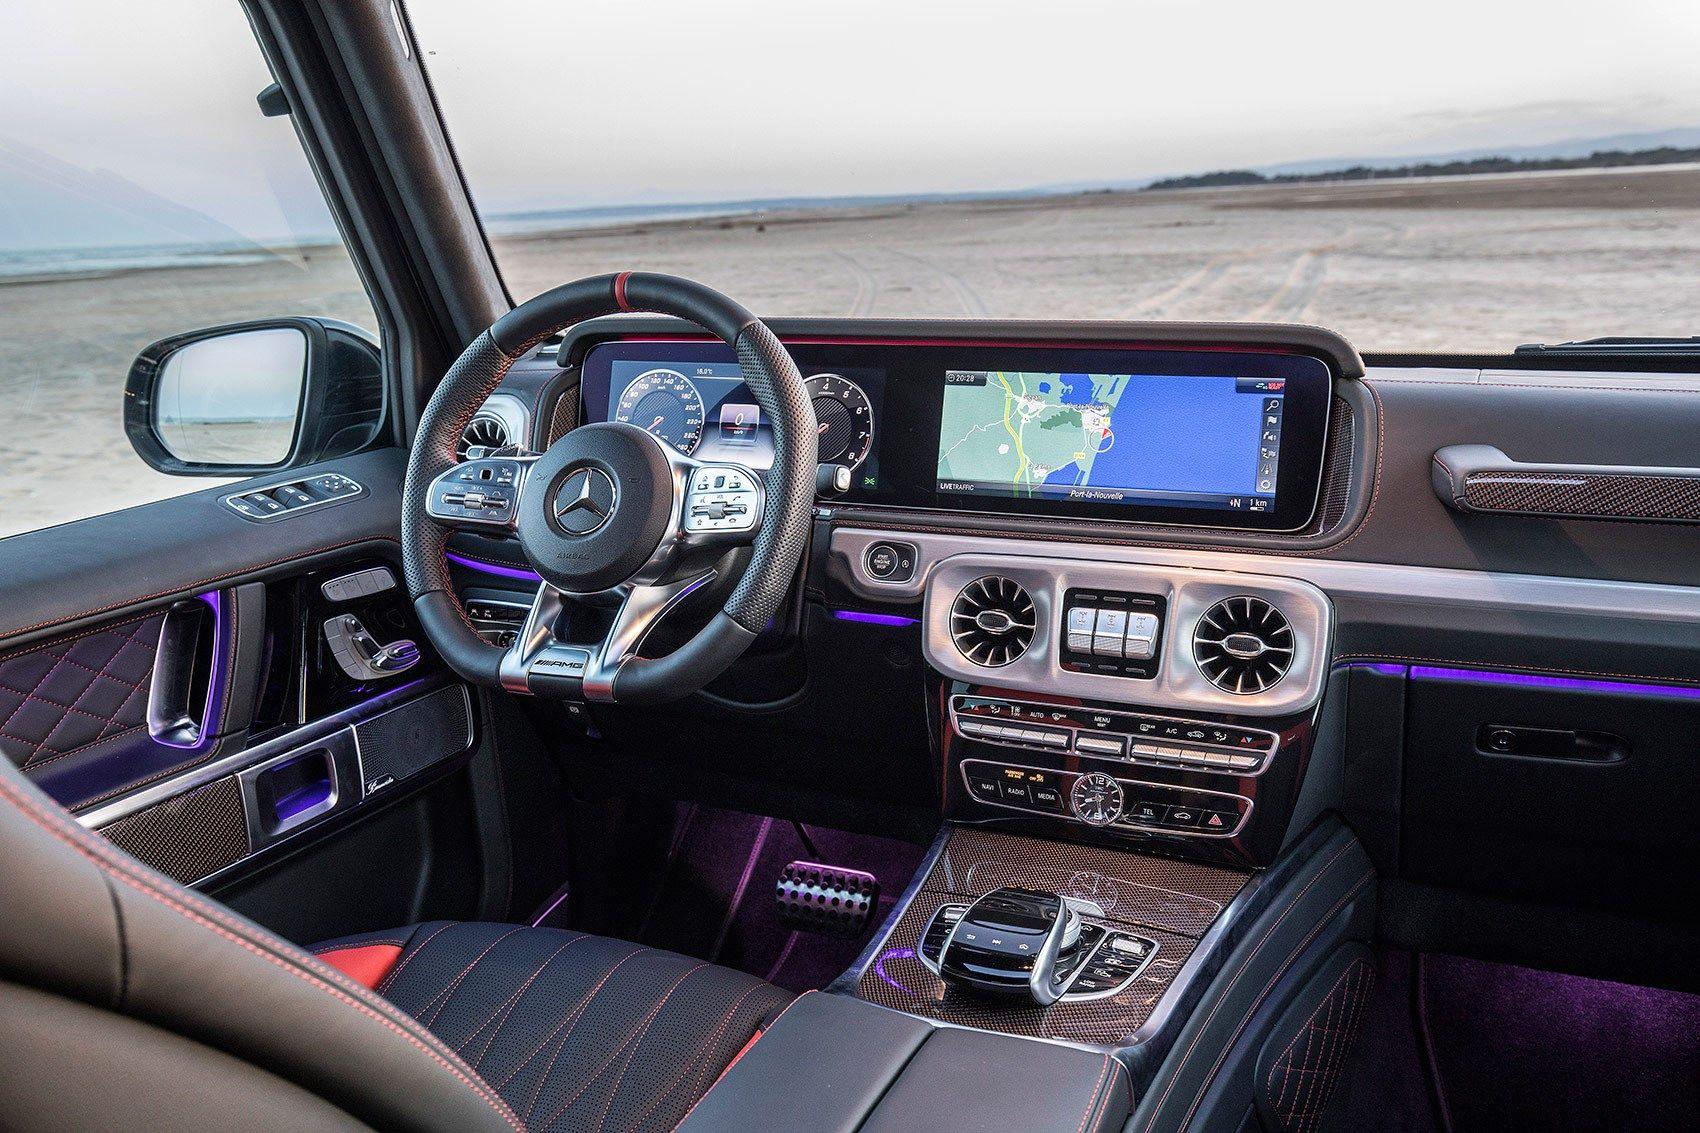 Mercedes Benz G350d 2019 Review Driving The Diesel G Class